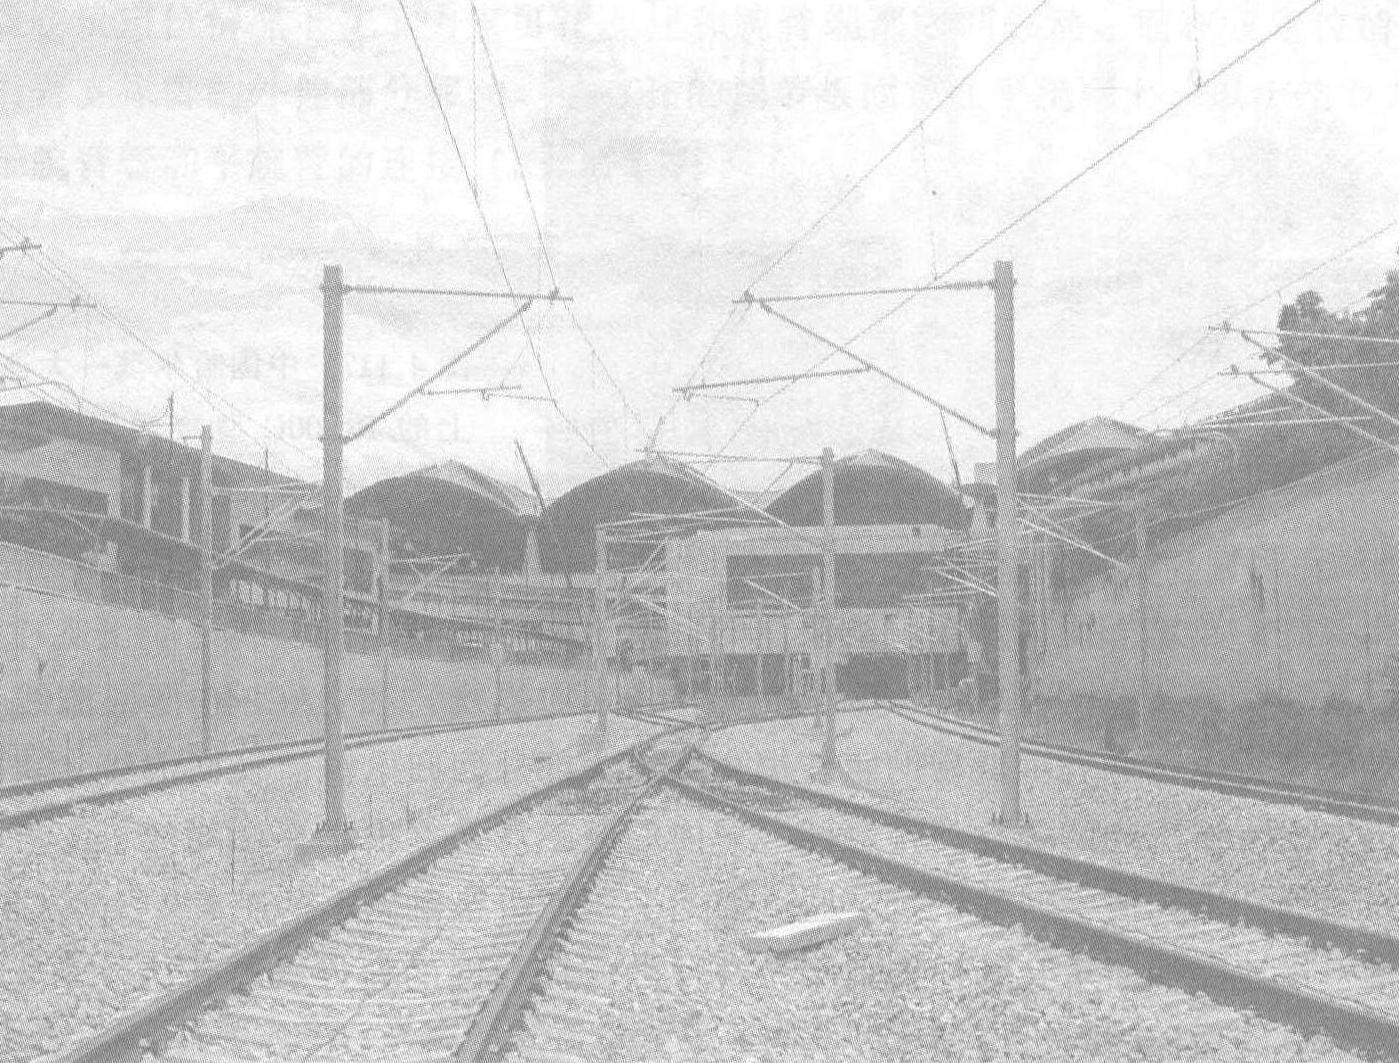 马来西亚吉隆坡主车站至飞机场线路上的sicat